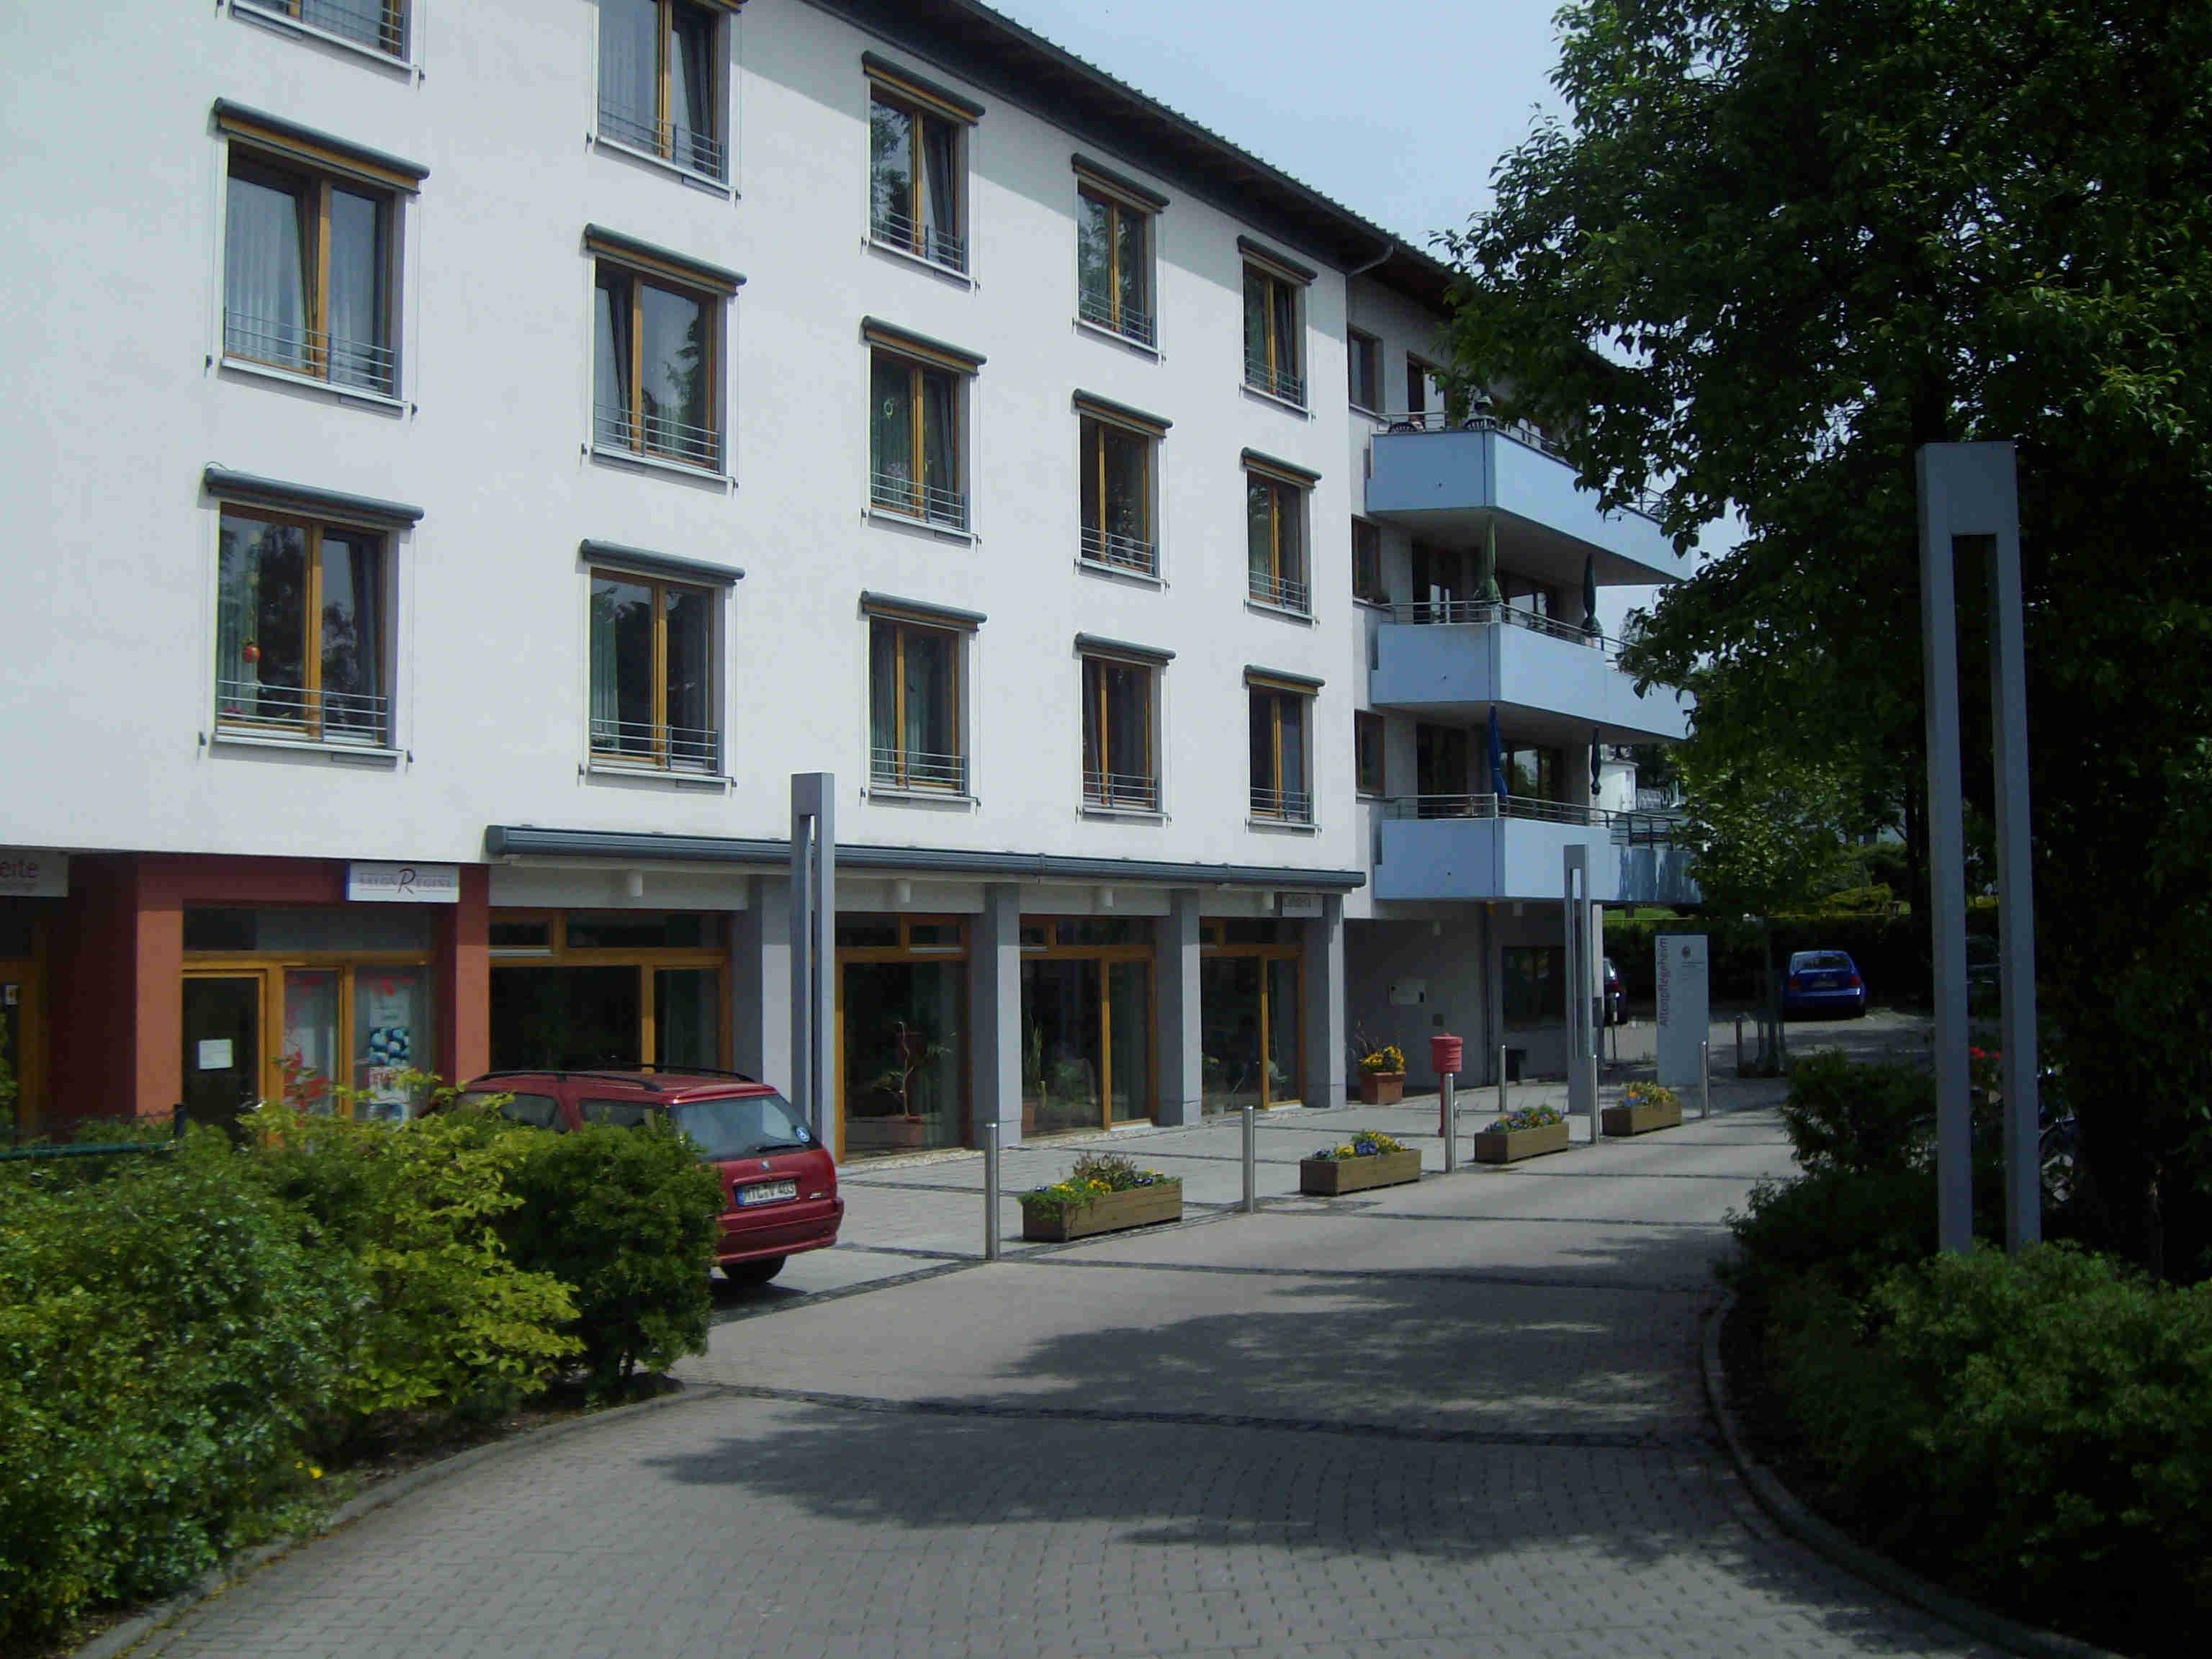 Altenpflegeheim Schkeuditz